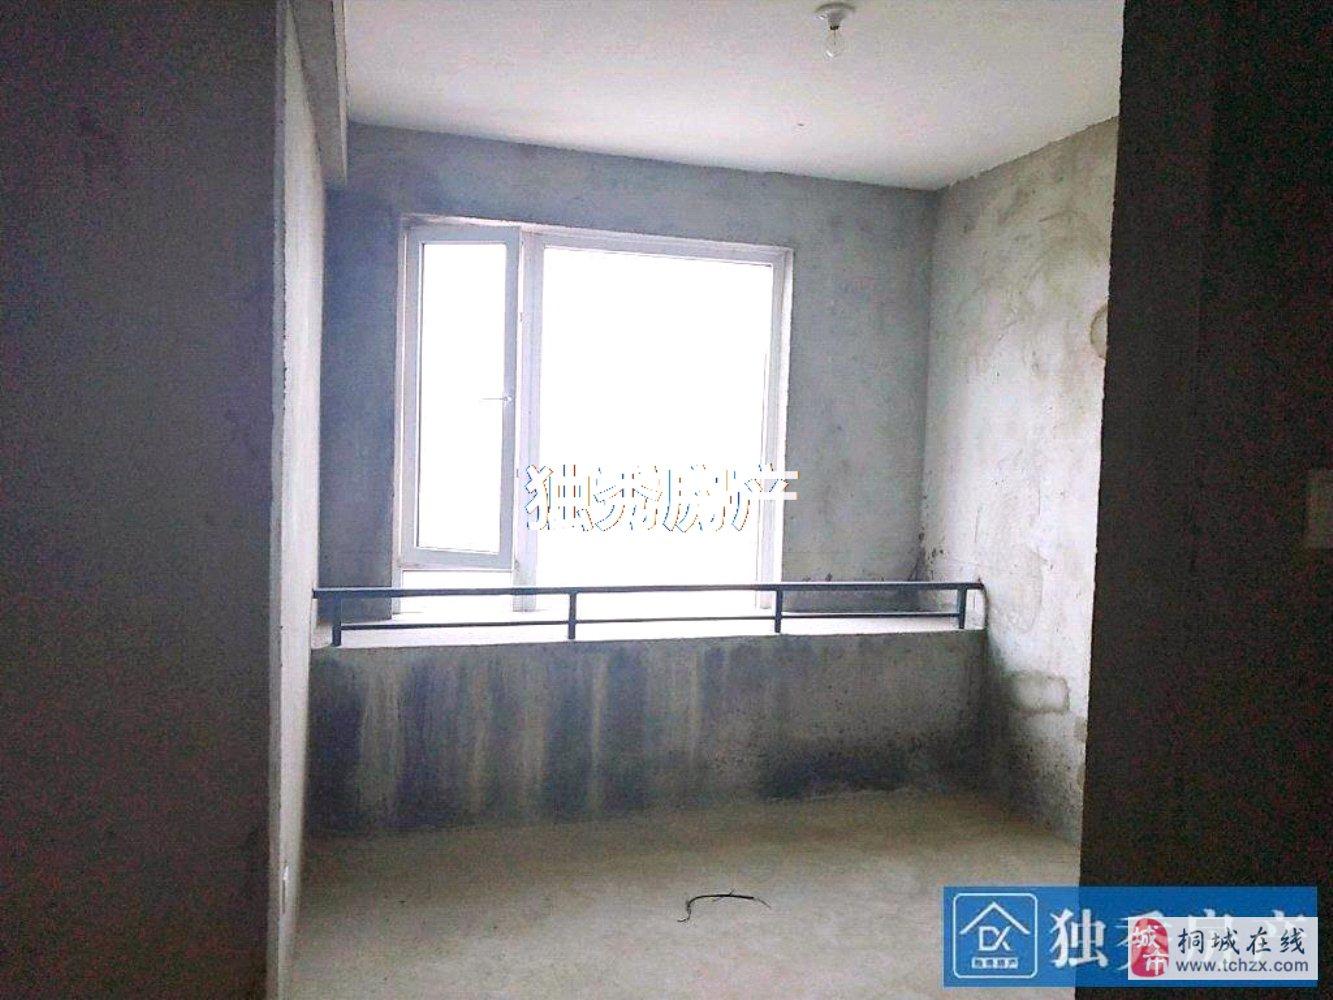 天紫·四季花城3室2廳1衛55.00萬元戶型好